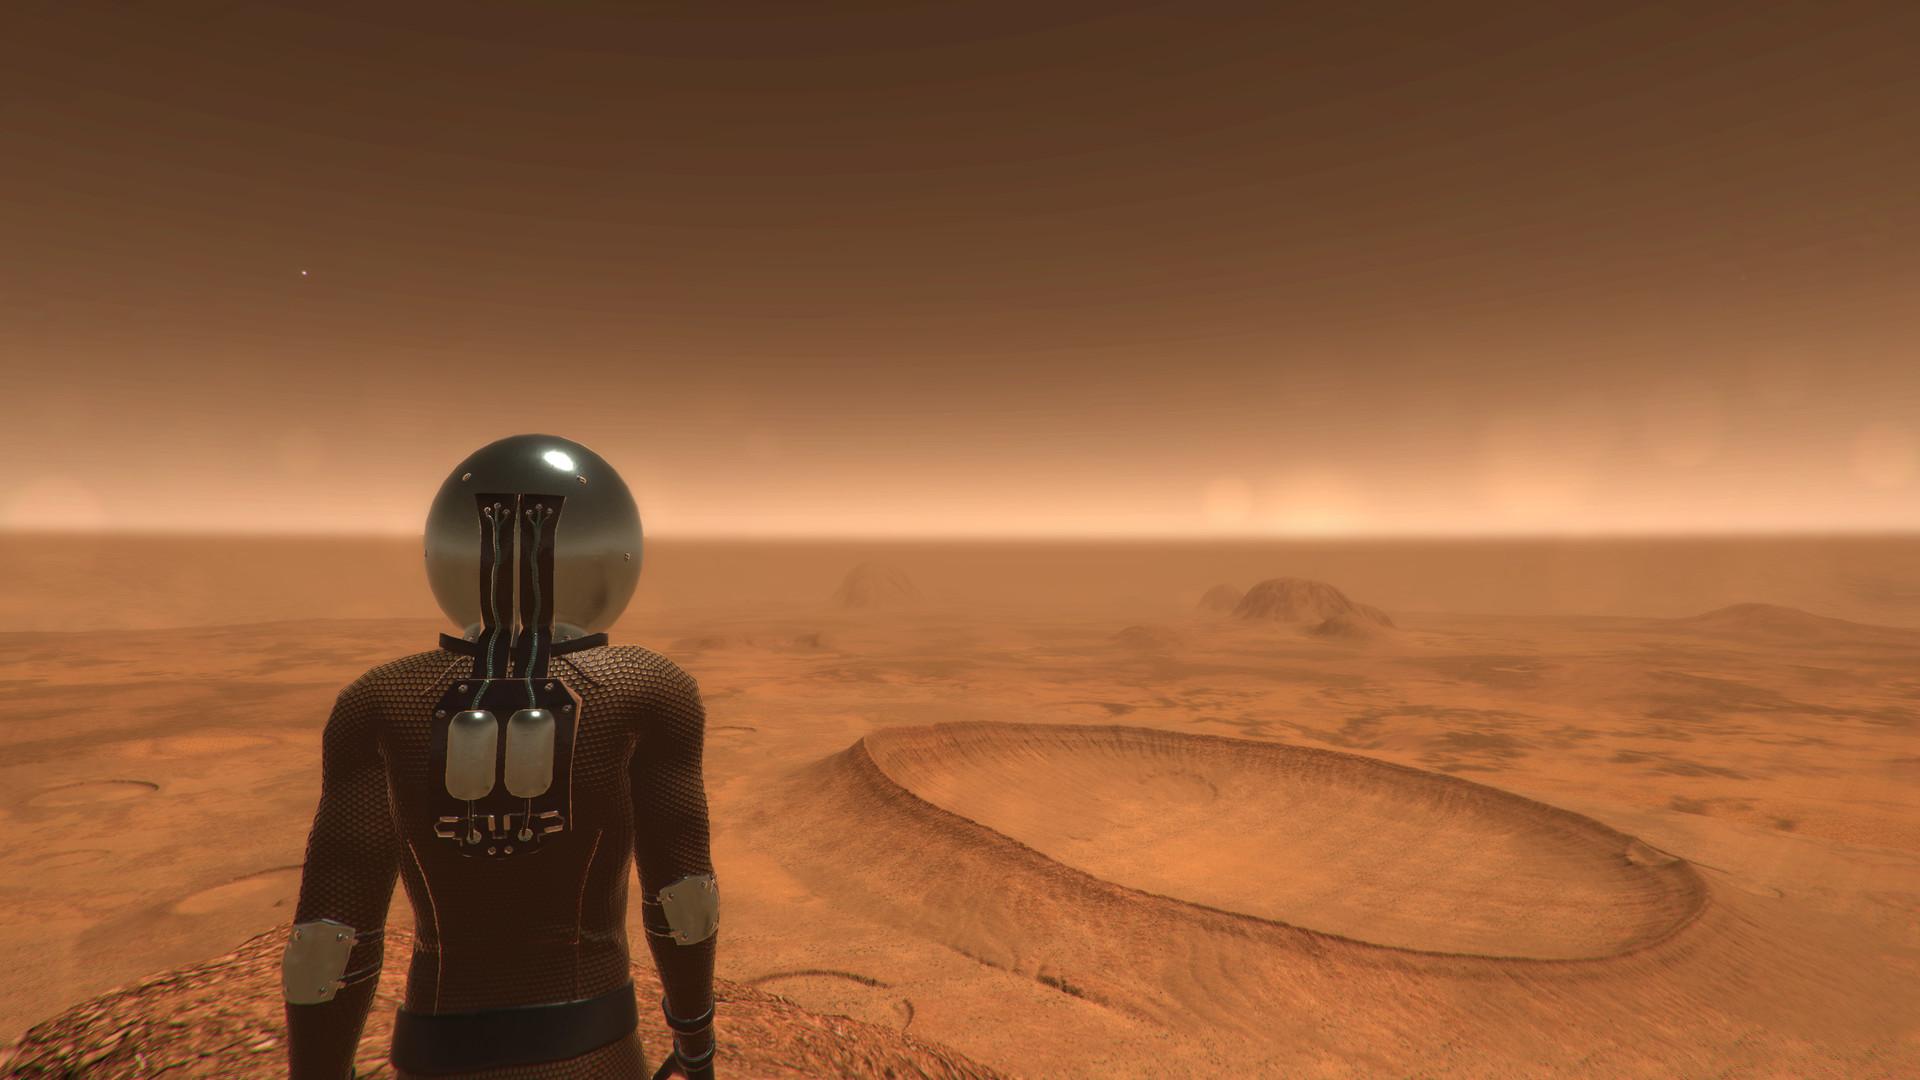 Martian Environment